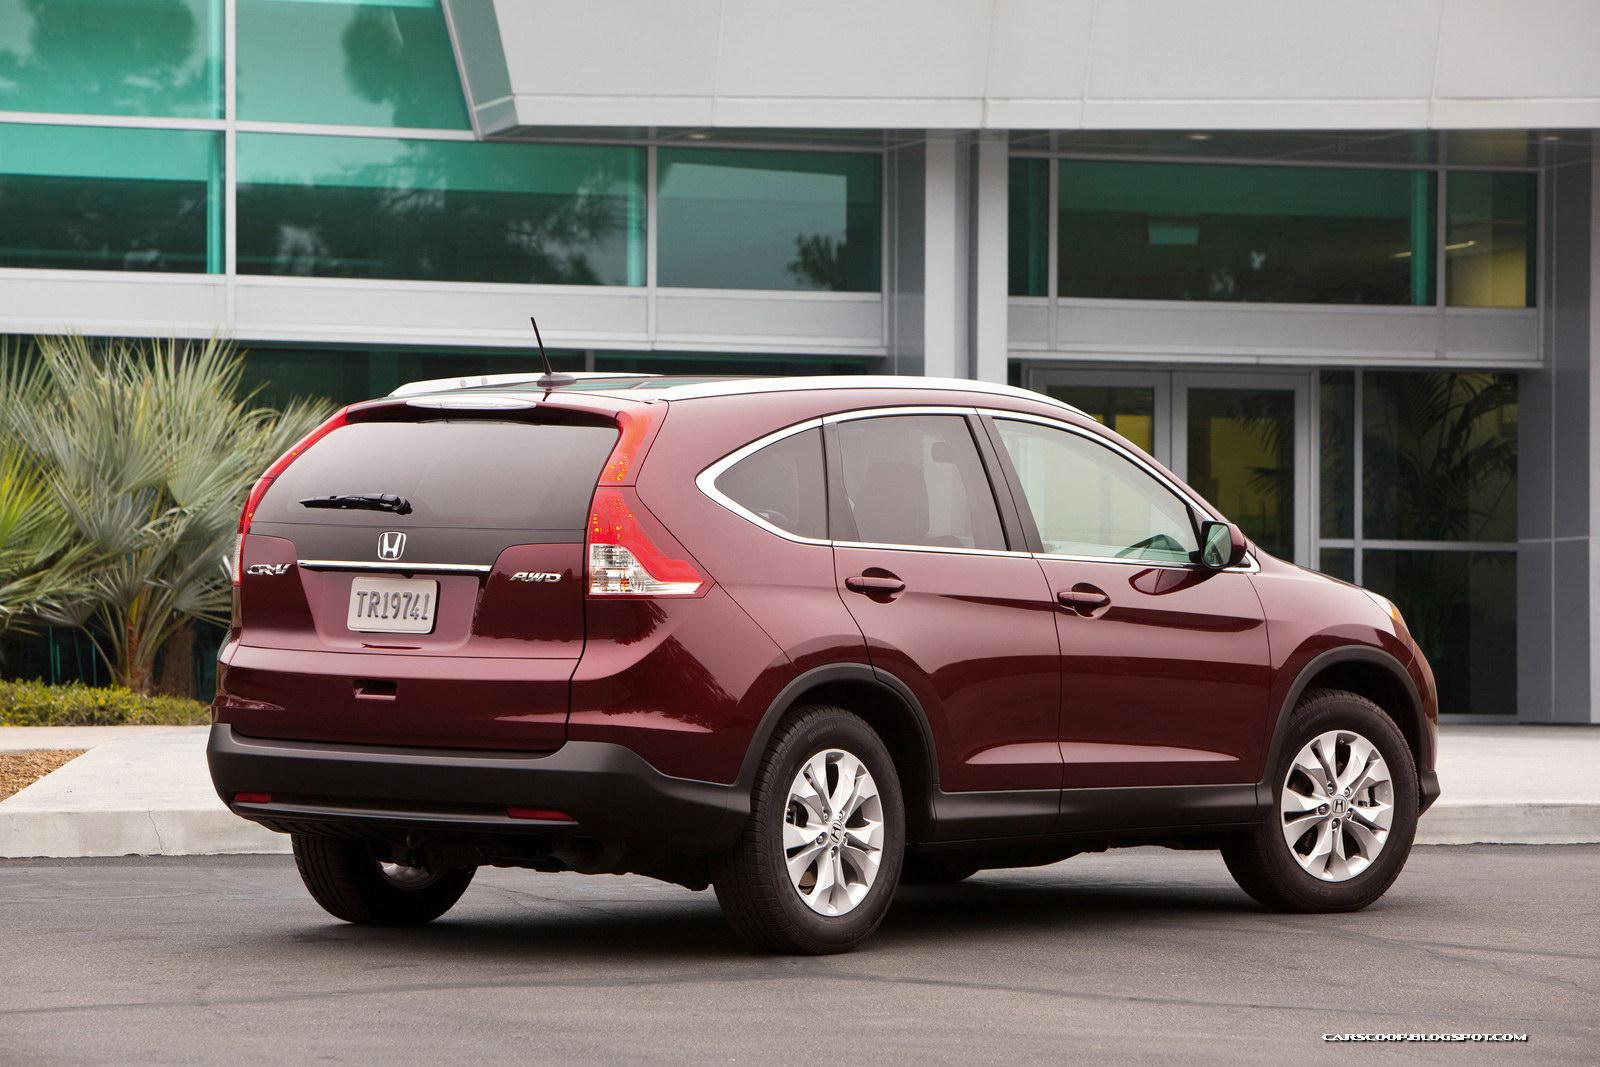 Honda CR-V 2012 começa em R$ 41 mil nos EUA-4.bp.blogspot.com